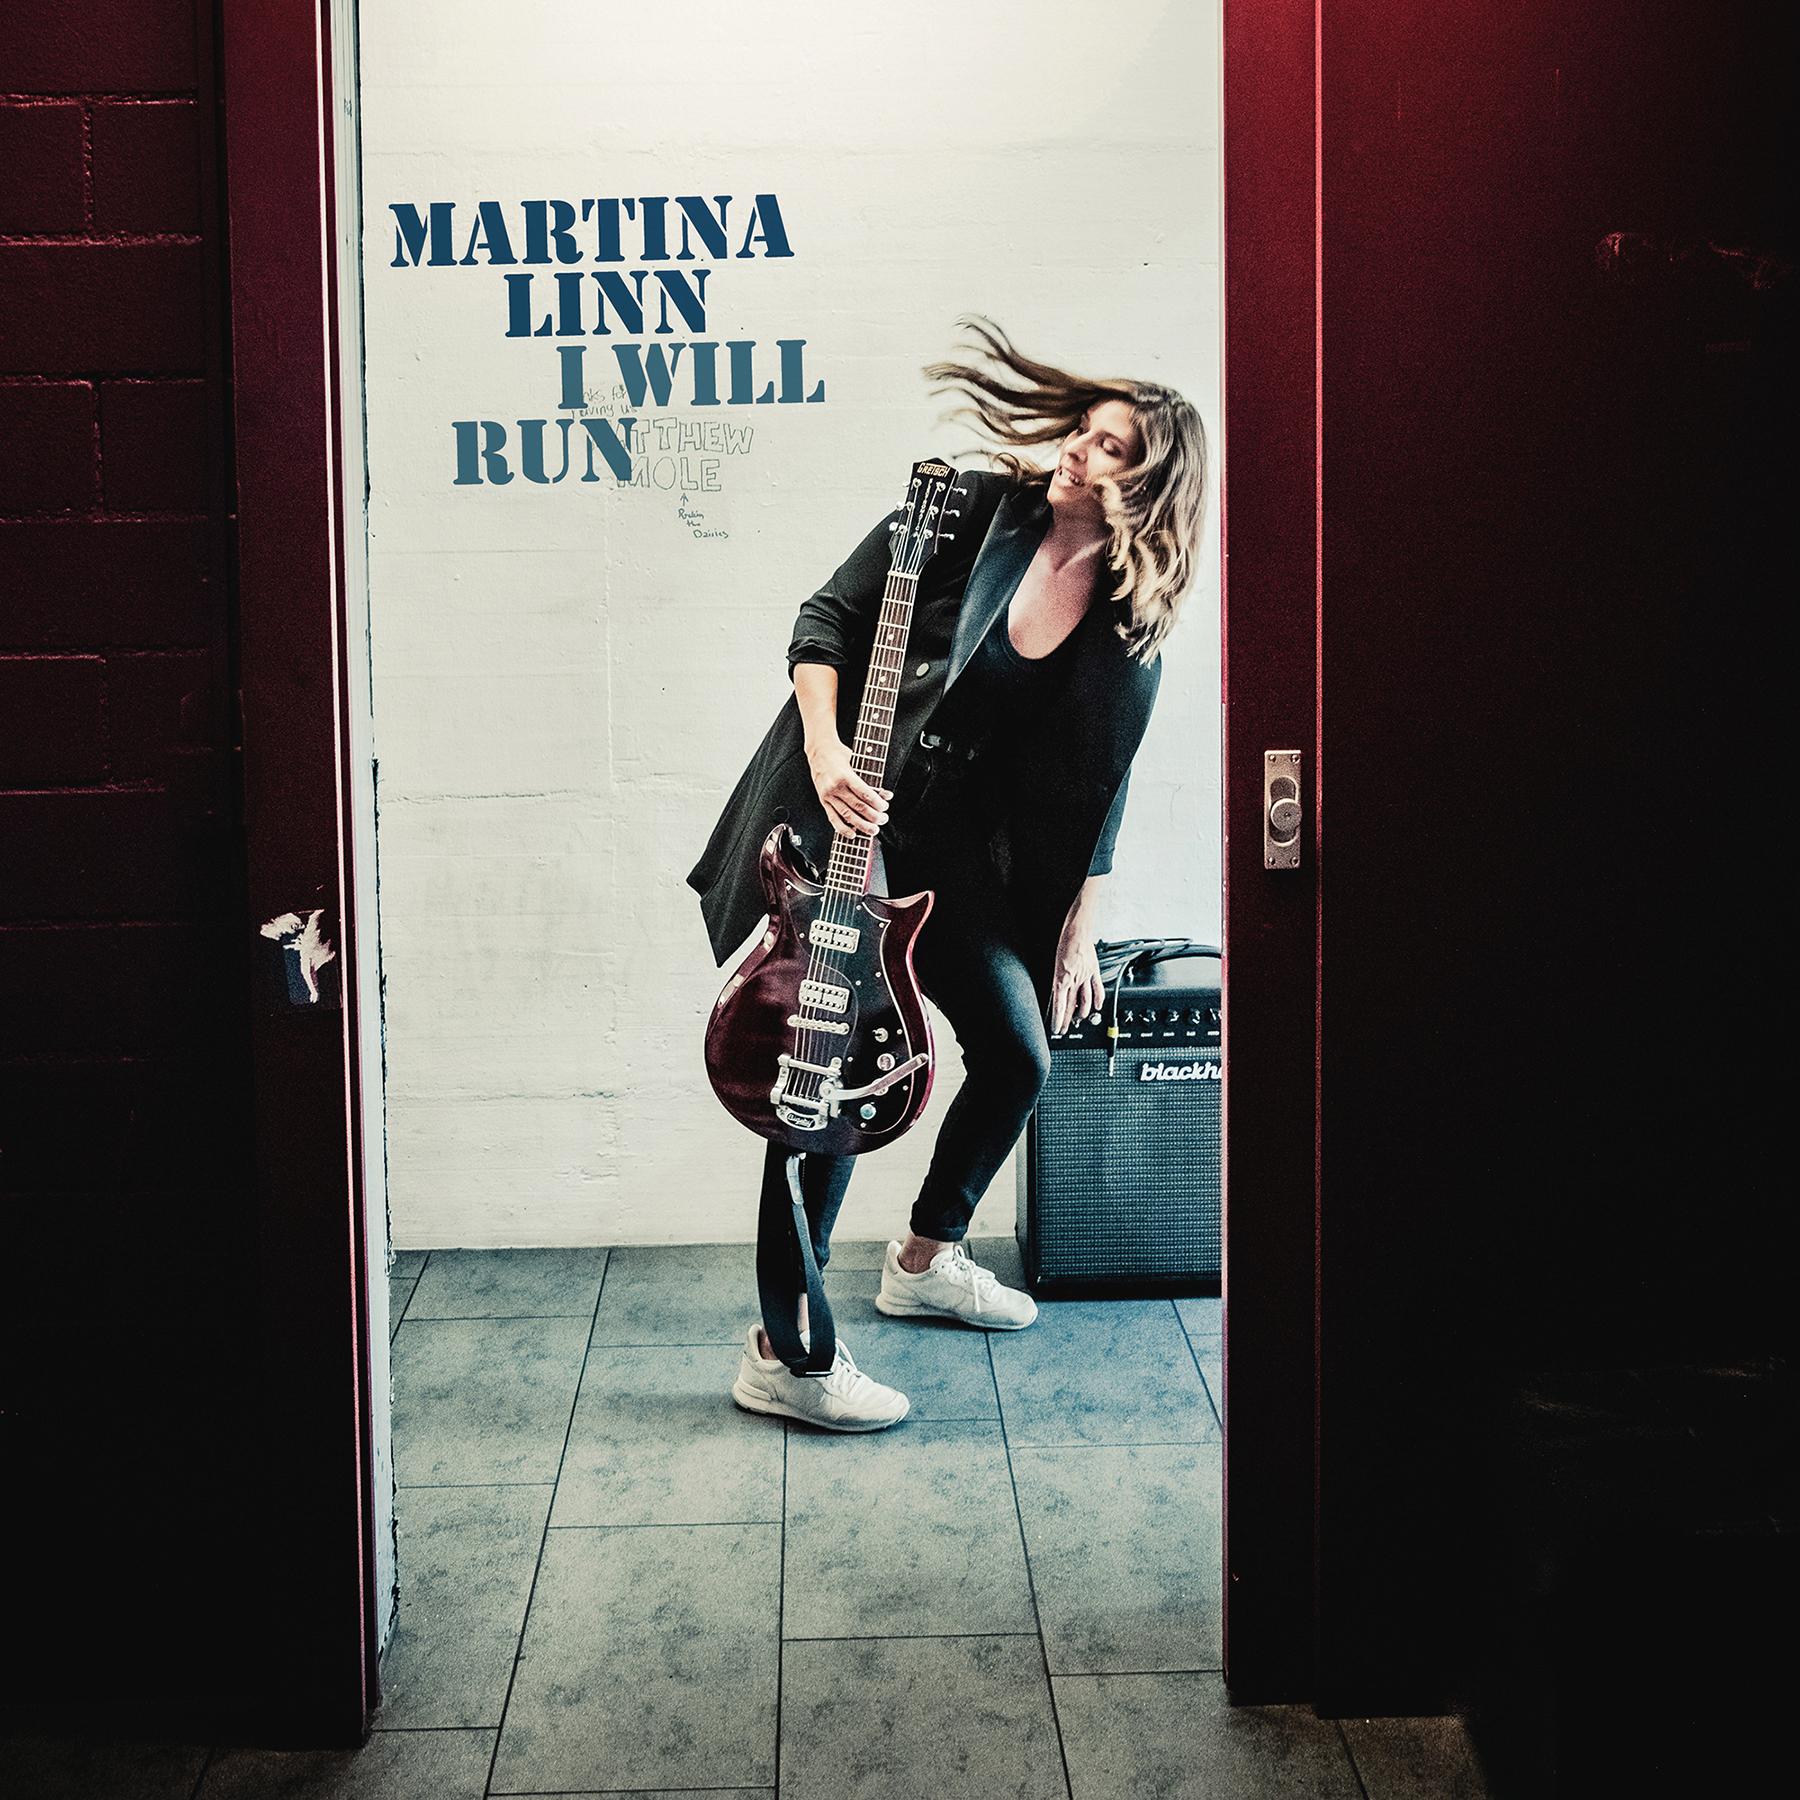 Martina-Linn_I-Will-Run_1800x1800px.jpg